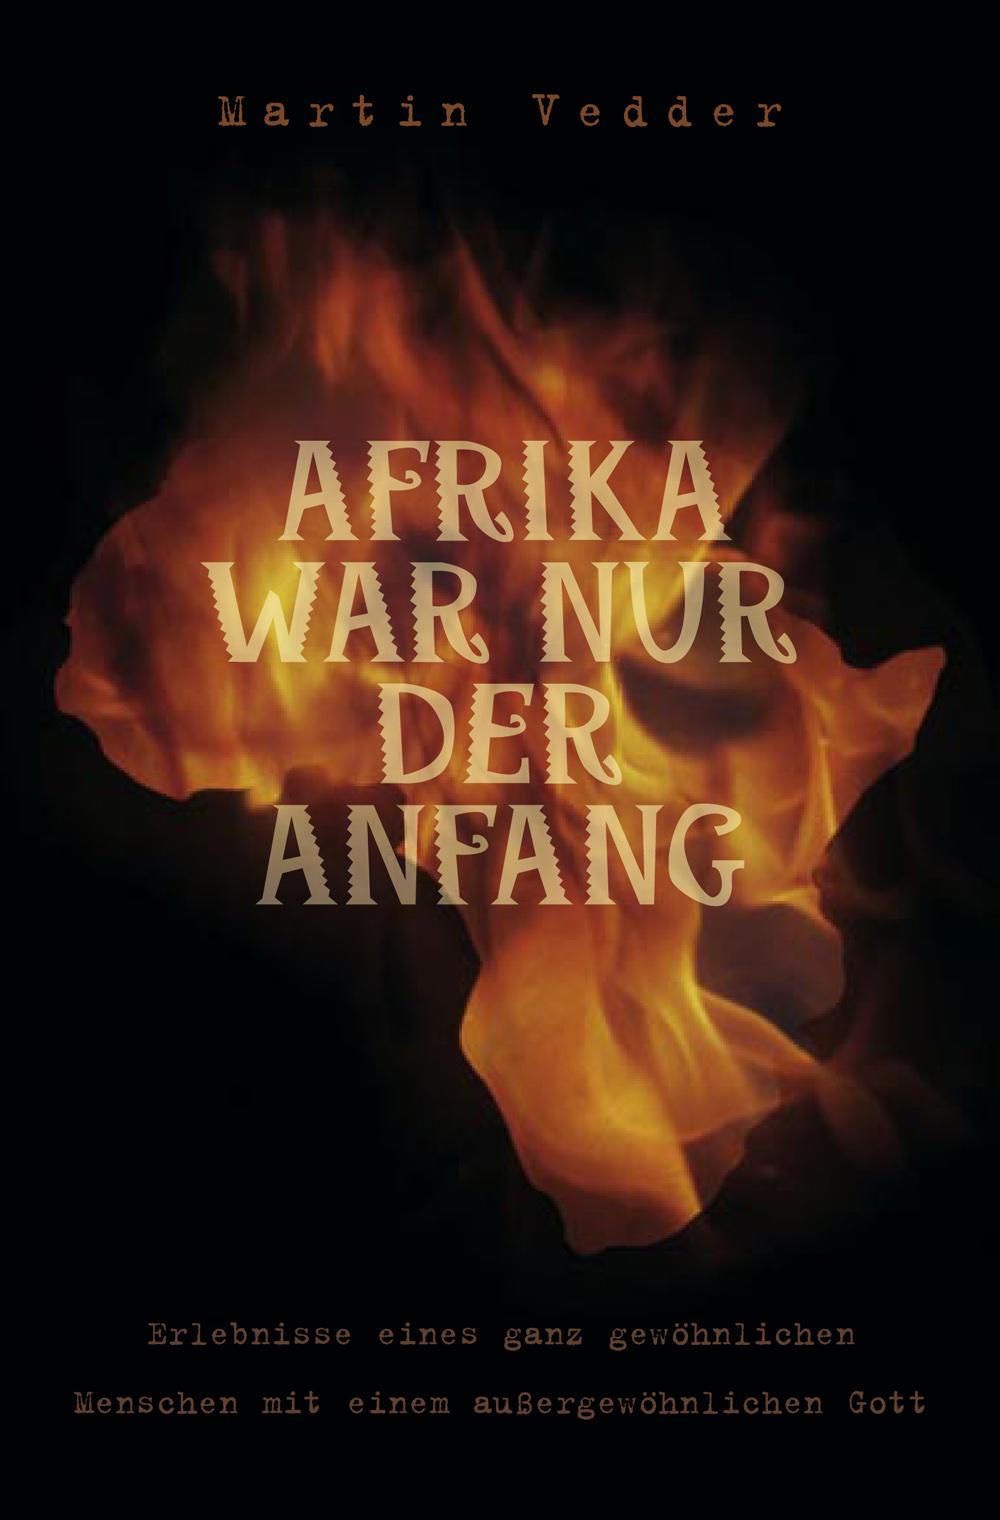 CLV_afrika-war-nur-der-anfang_martin-vedder_256208_1